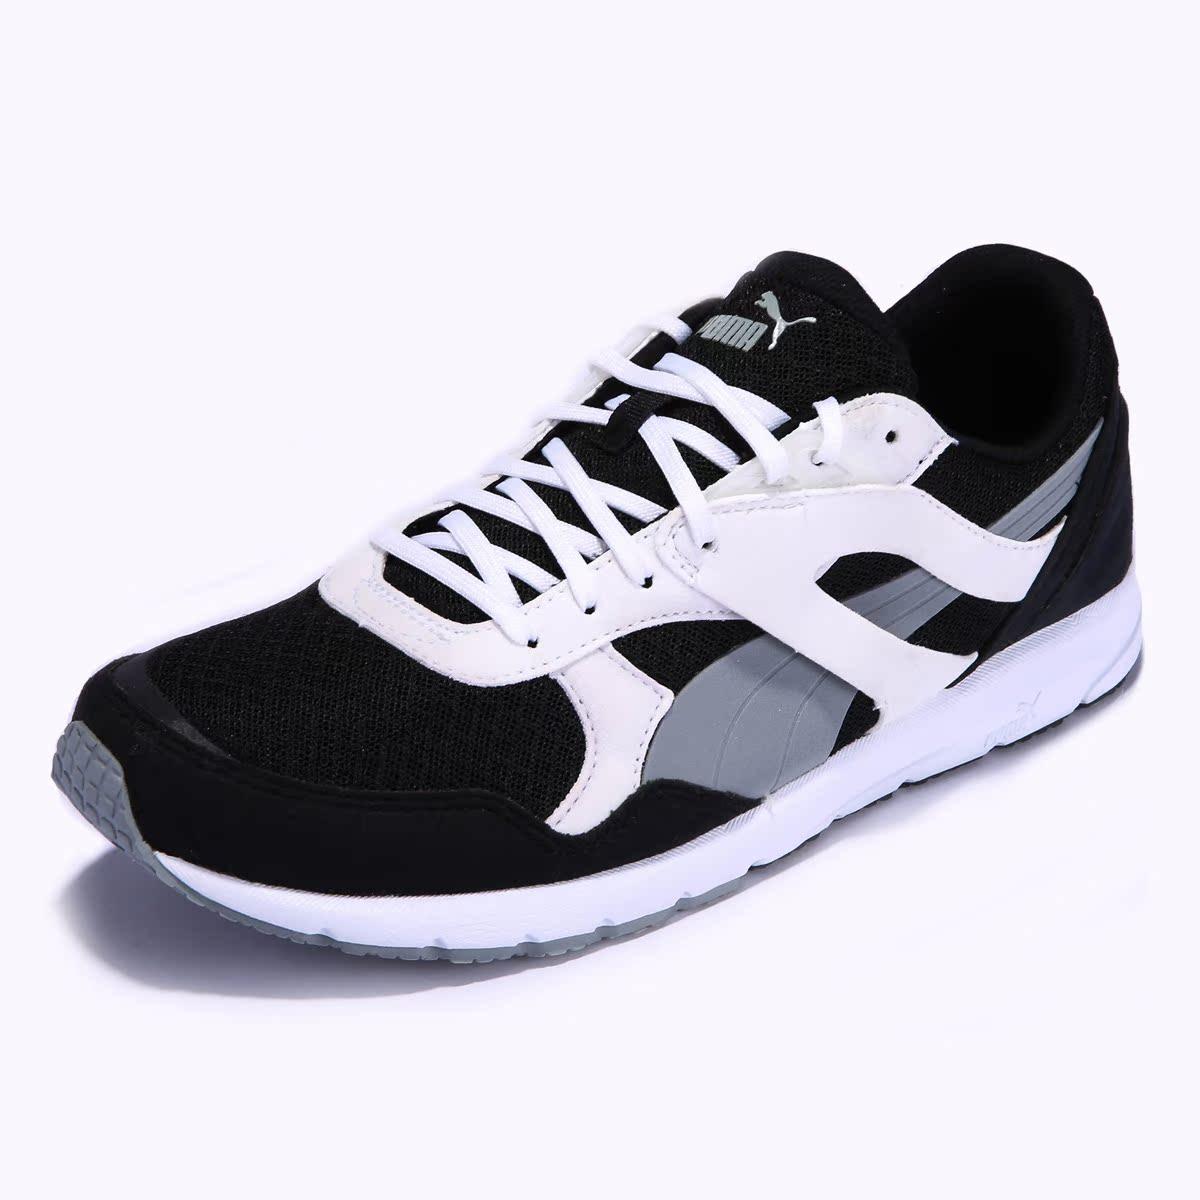 PUMA 彪马 中性 板鞋 休闲鞋 潮鞋 运动鞋 354999